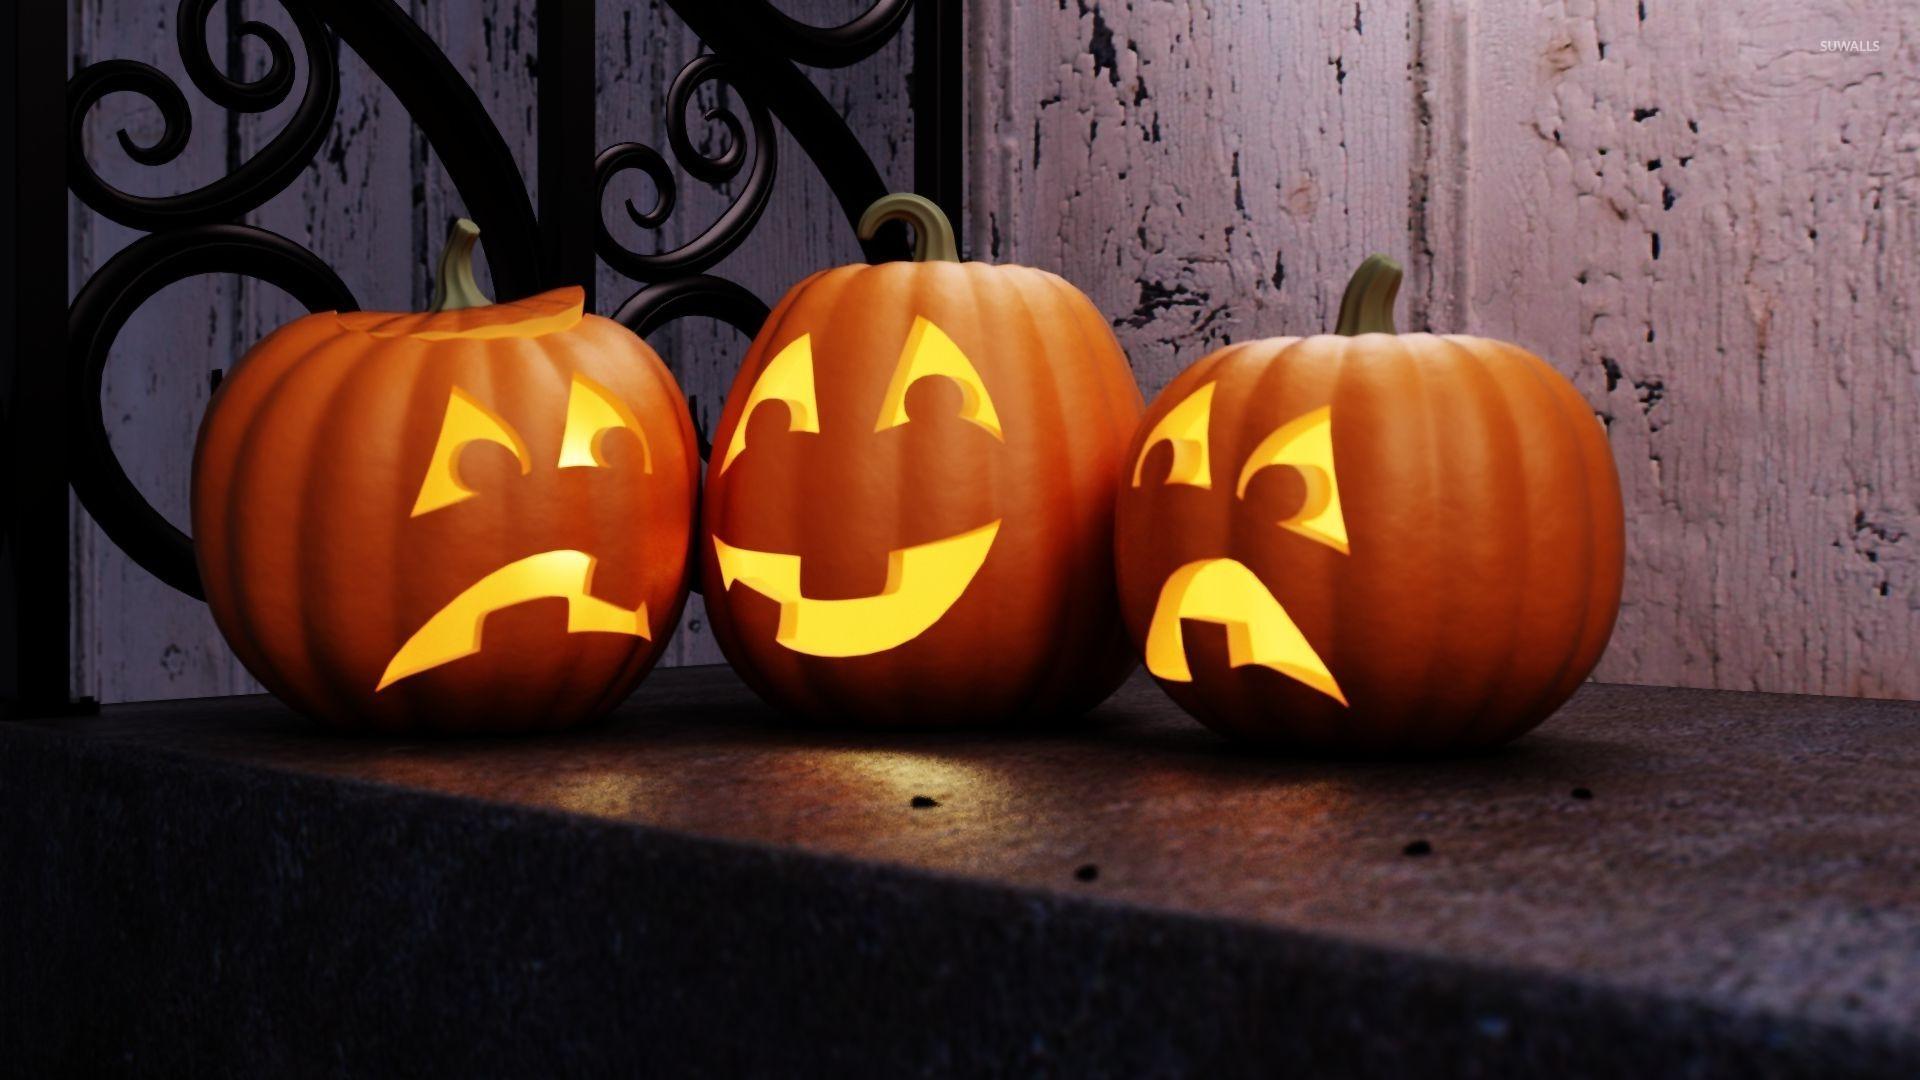 halloween pictures wallpaper pumpkin - photo #44